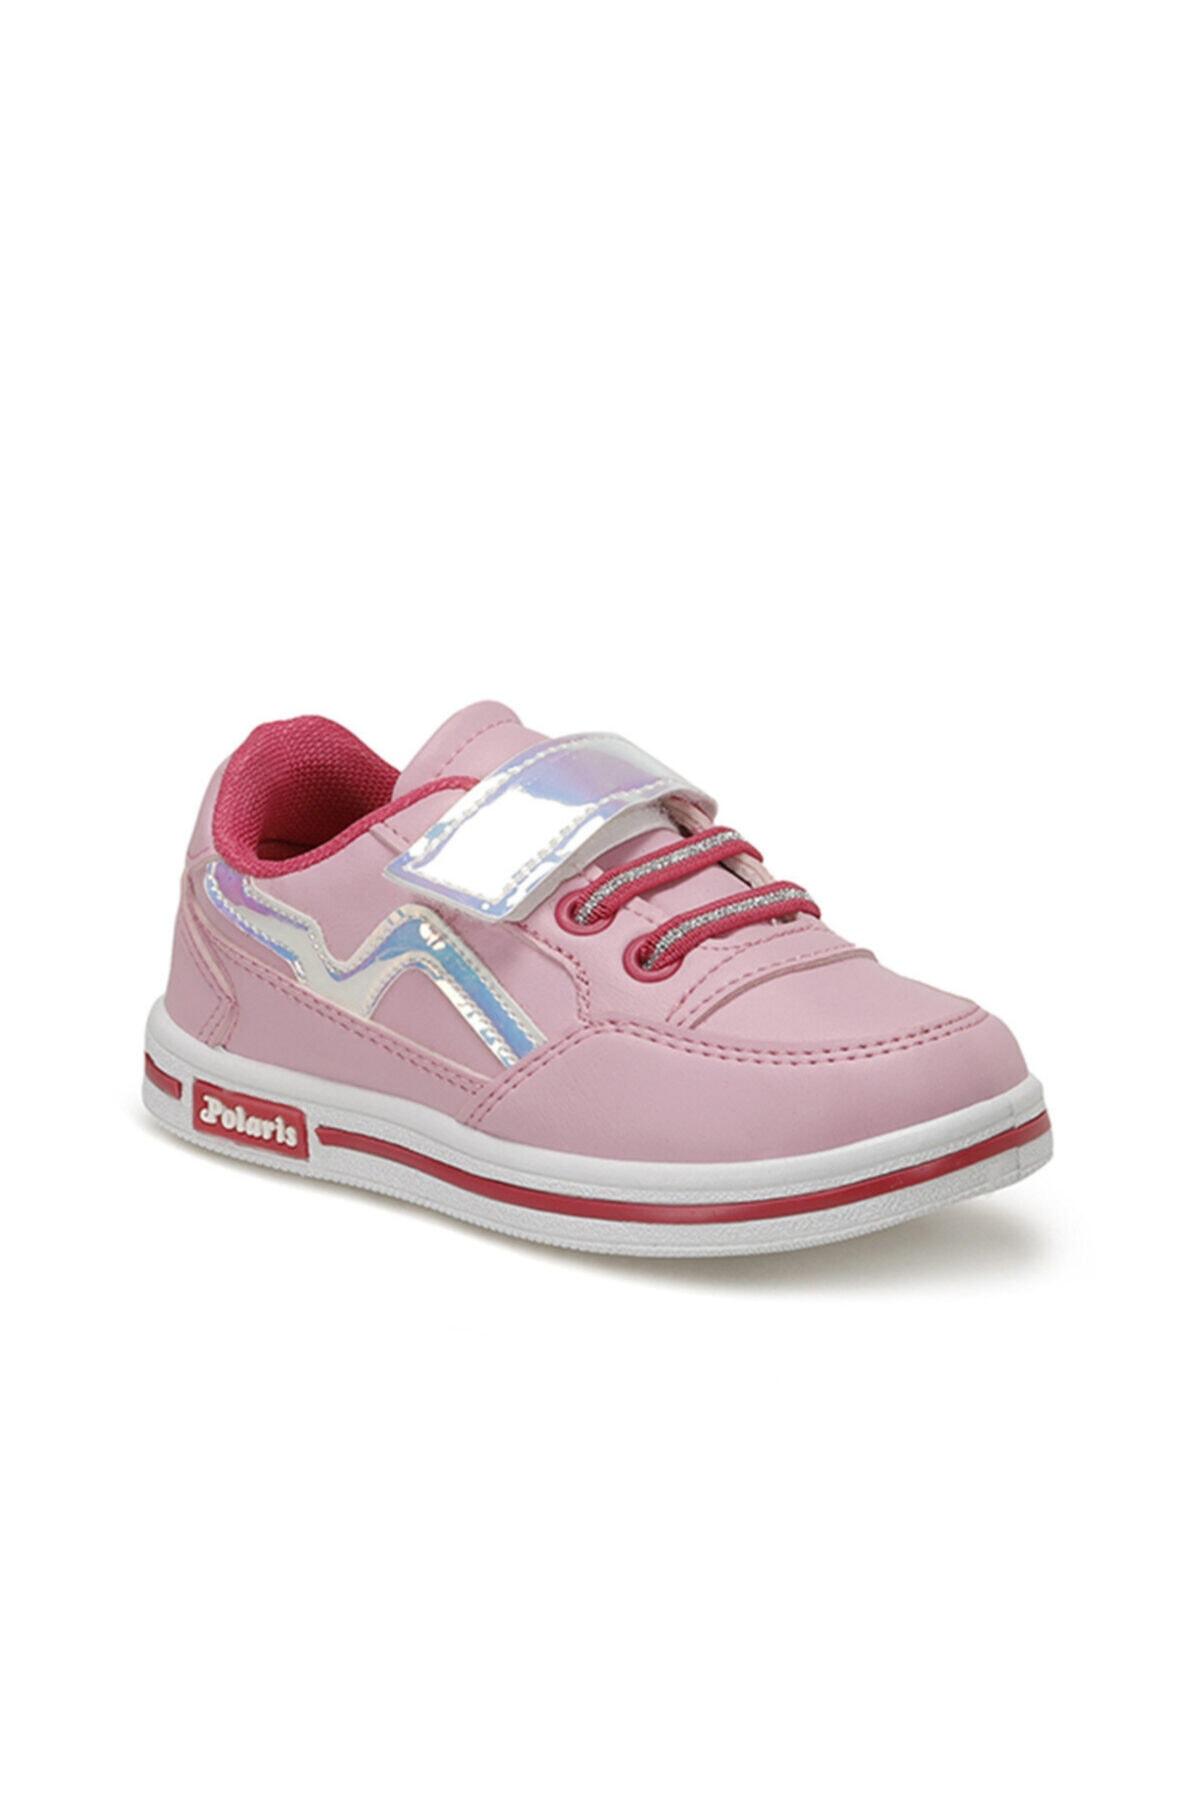 Polaris 612140.P Pembe Kız Çocuk Ayakkabı 100558375 1